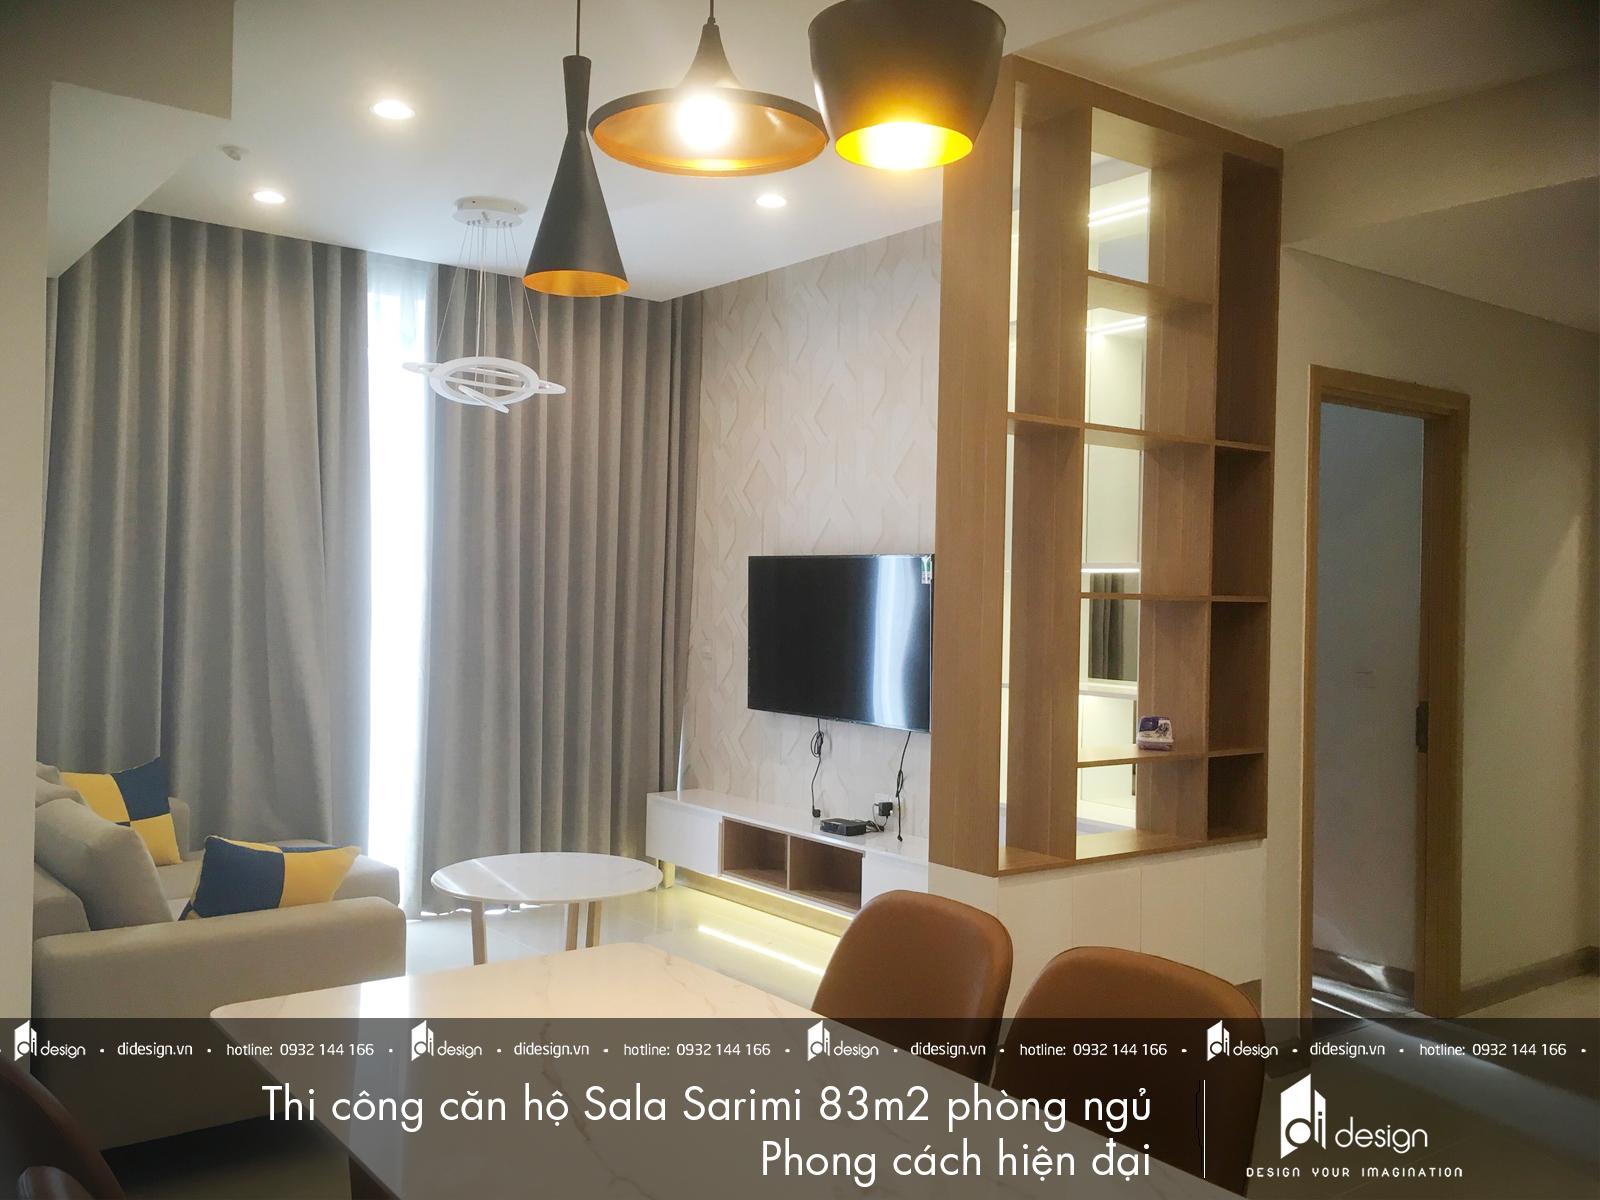 Thi công nội thất căn hộ Sala Sarimi 83m2